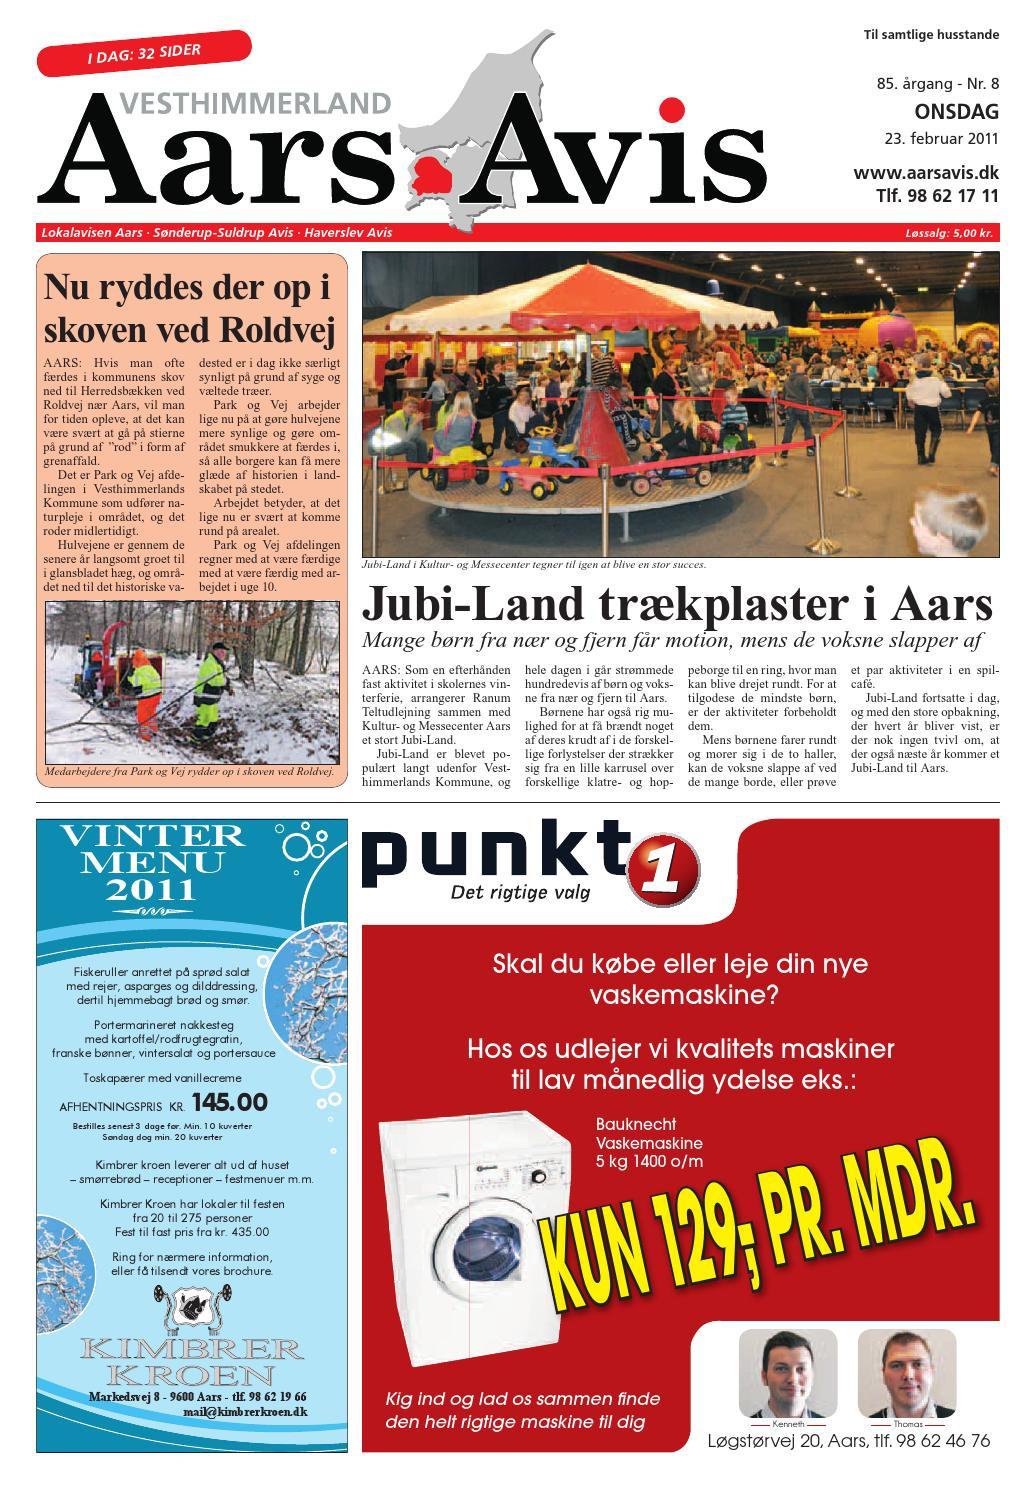 b8c4941f0ee2 Aars avis 2011 02 23 by Aars Avis - issuu